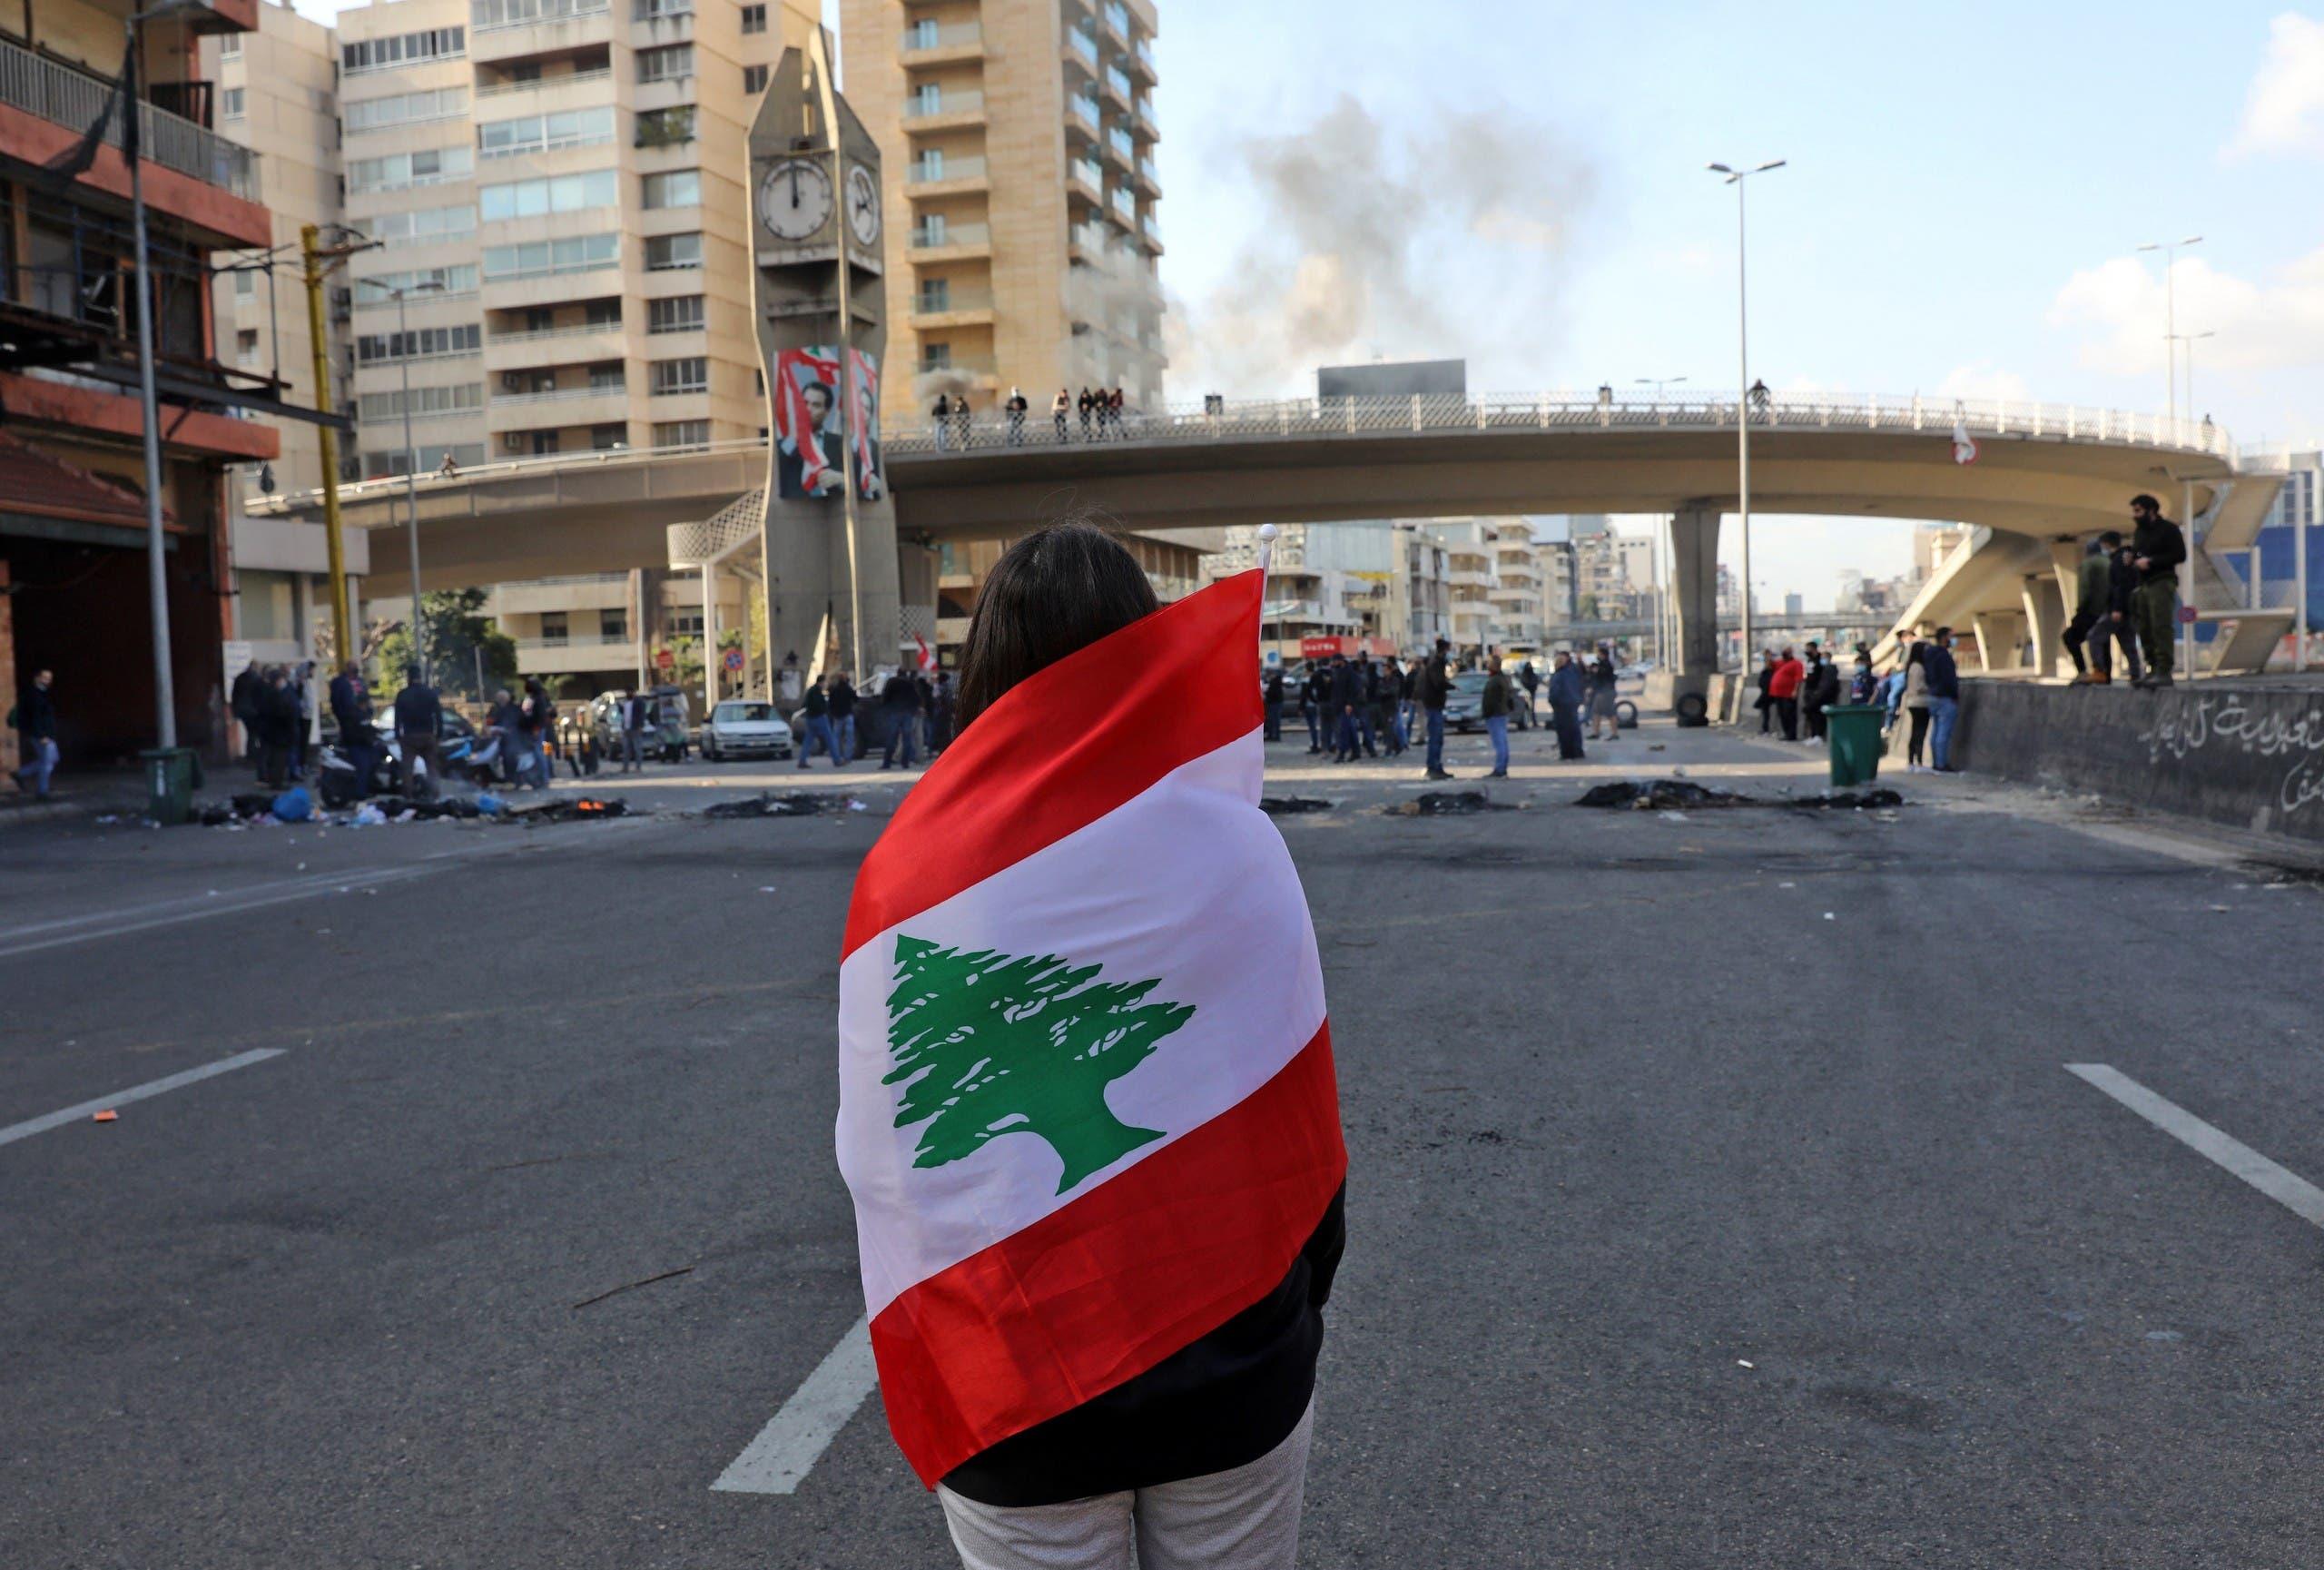 شابة ترفع العلم اللبناني في احتجاج في مارس الماضي على الأزمة التي يعيشها البلد